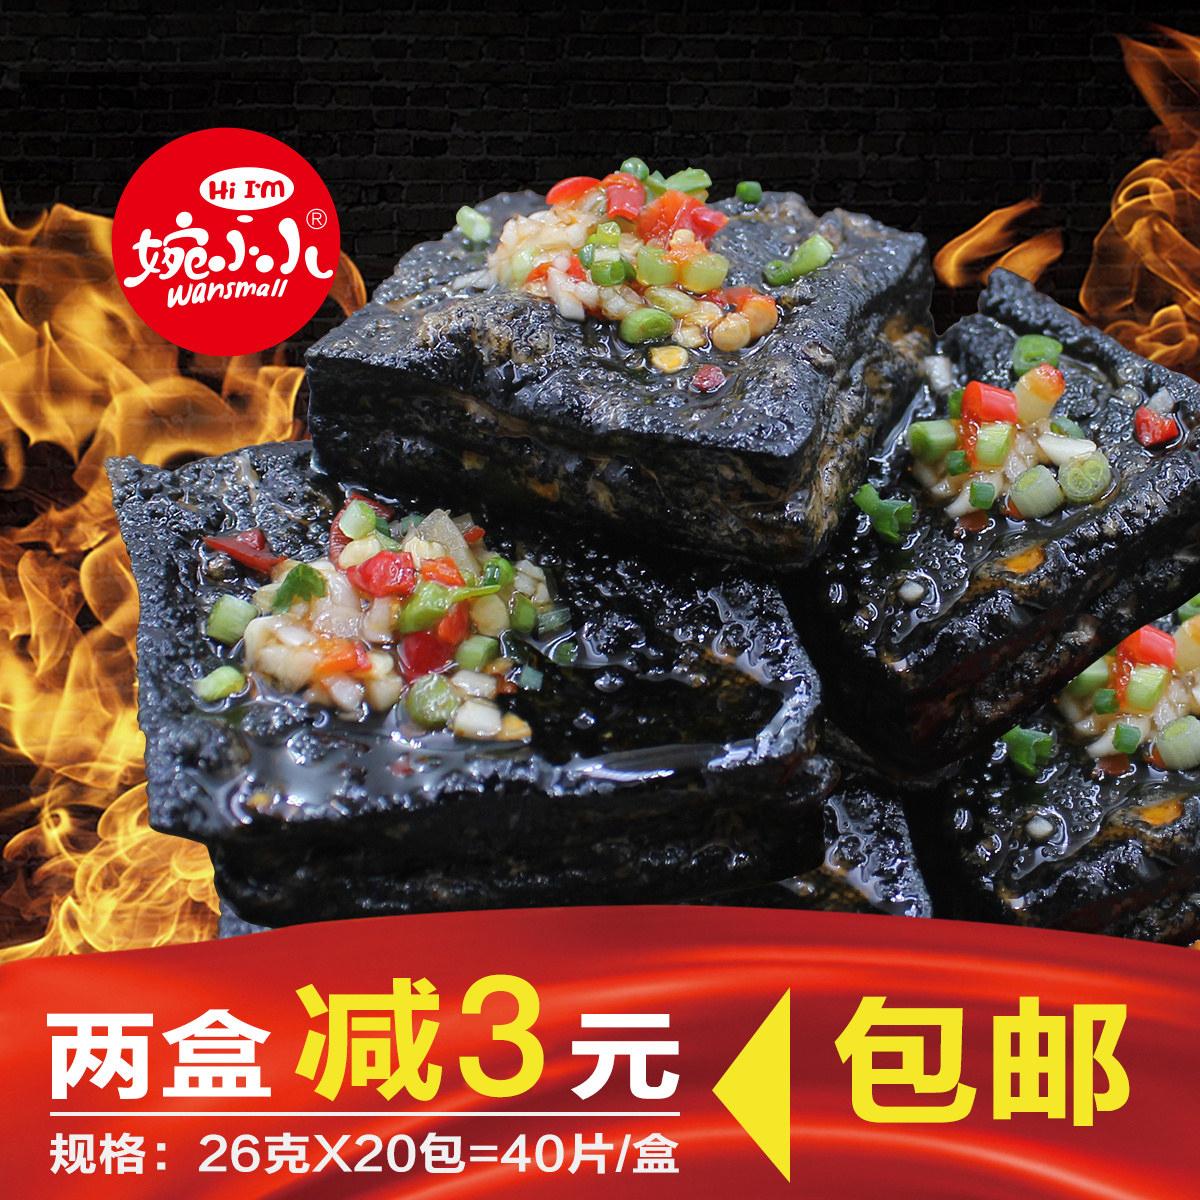 婉小小臭豆腐520g正宗湖南长沙特产臭干子油炸豆腐干经典黑色包邮